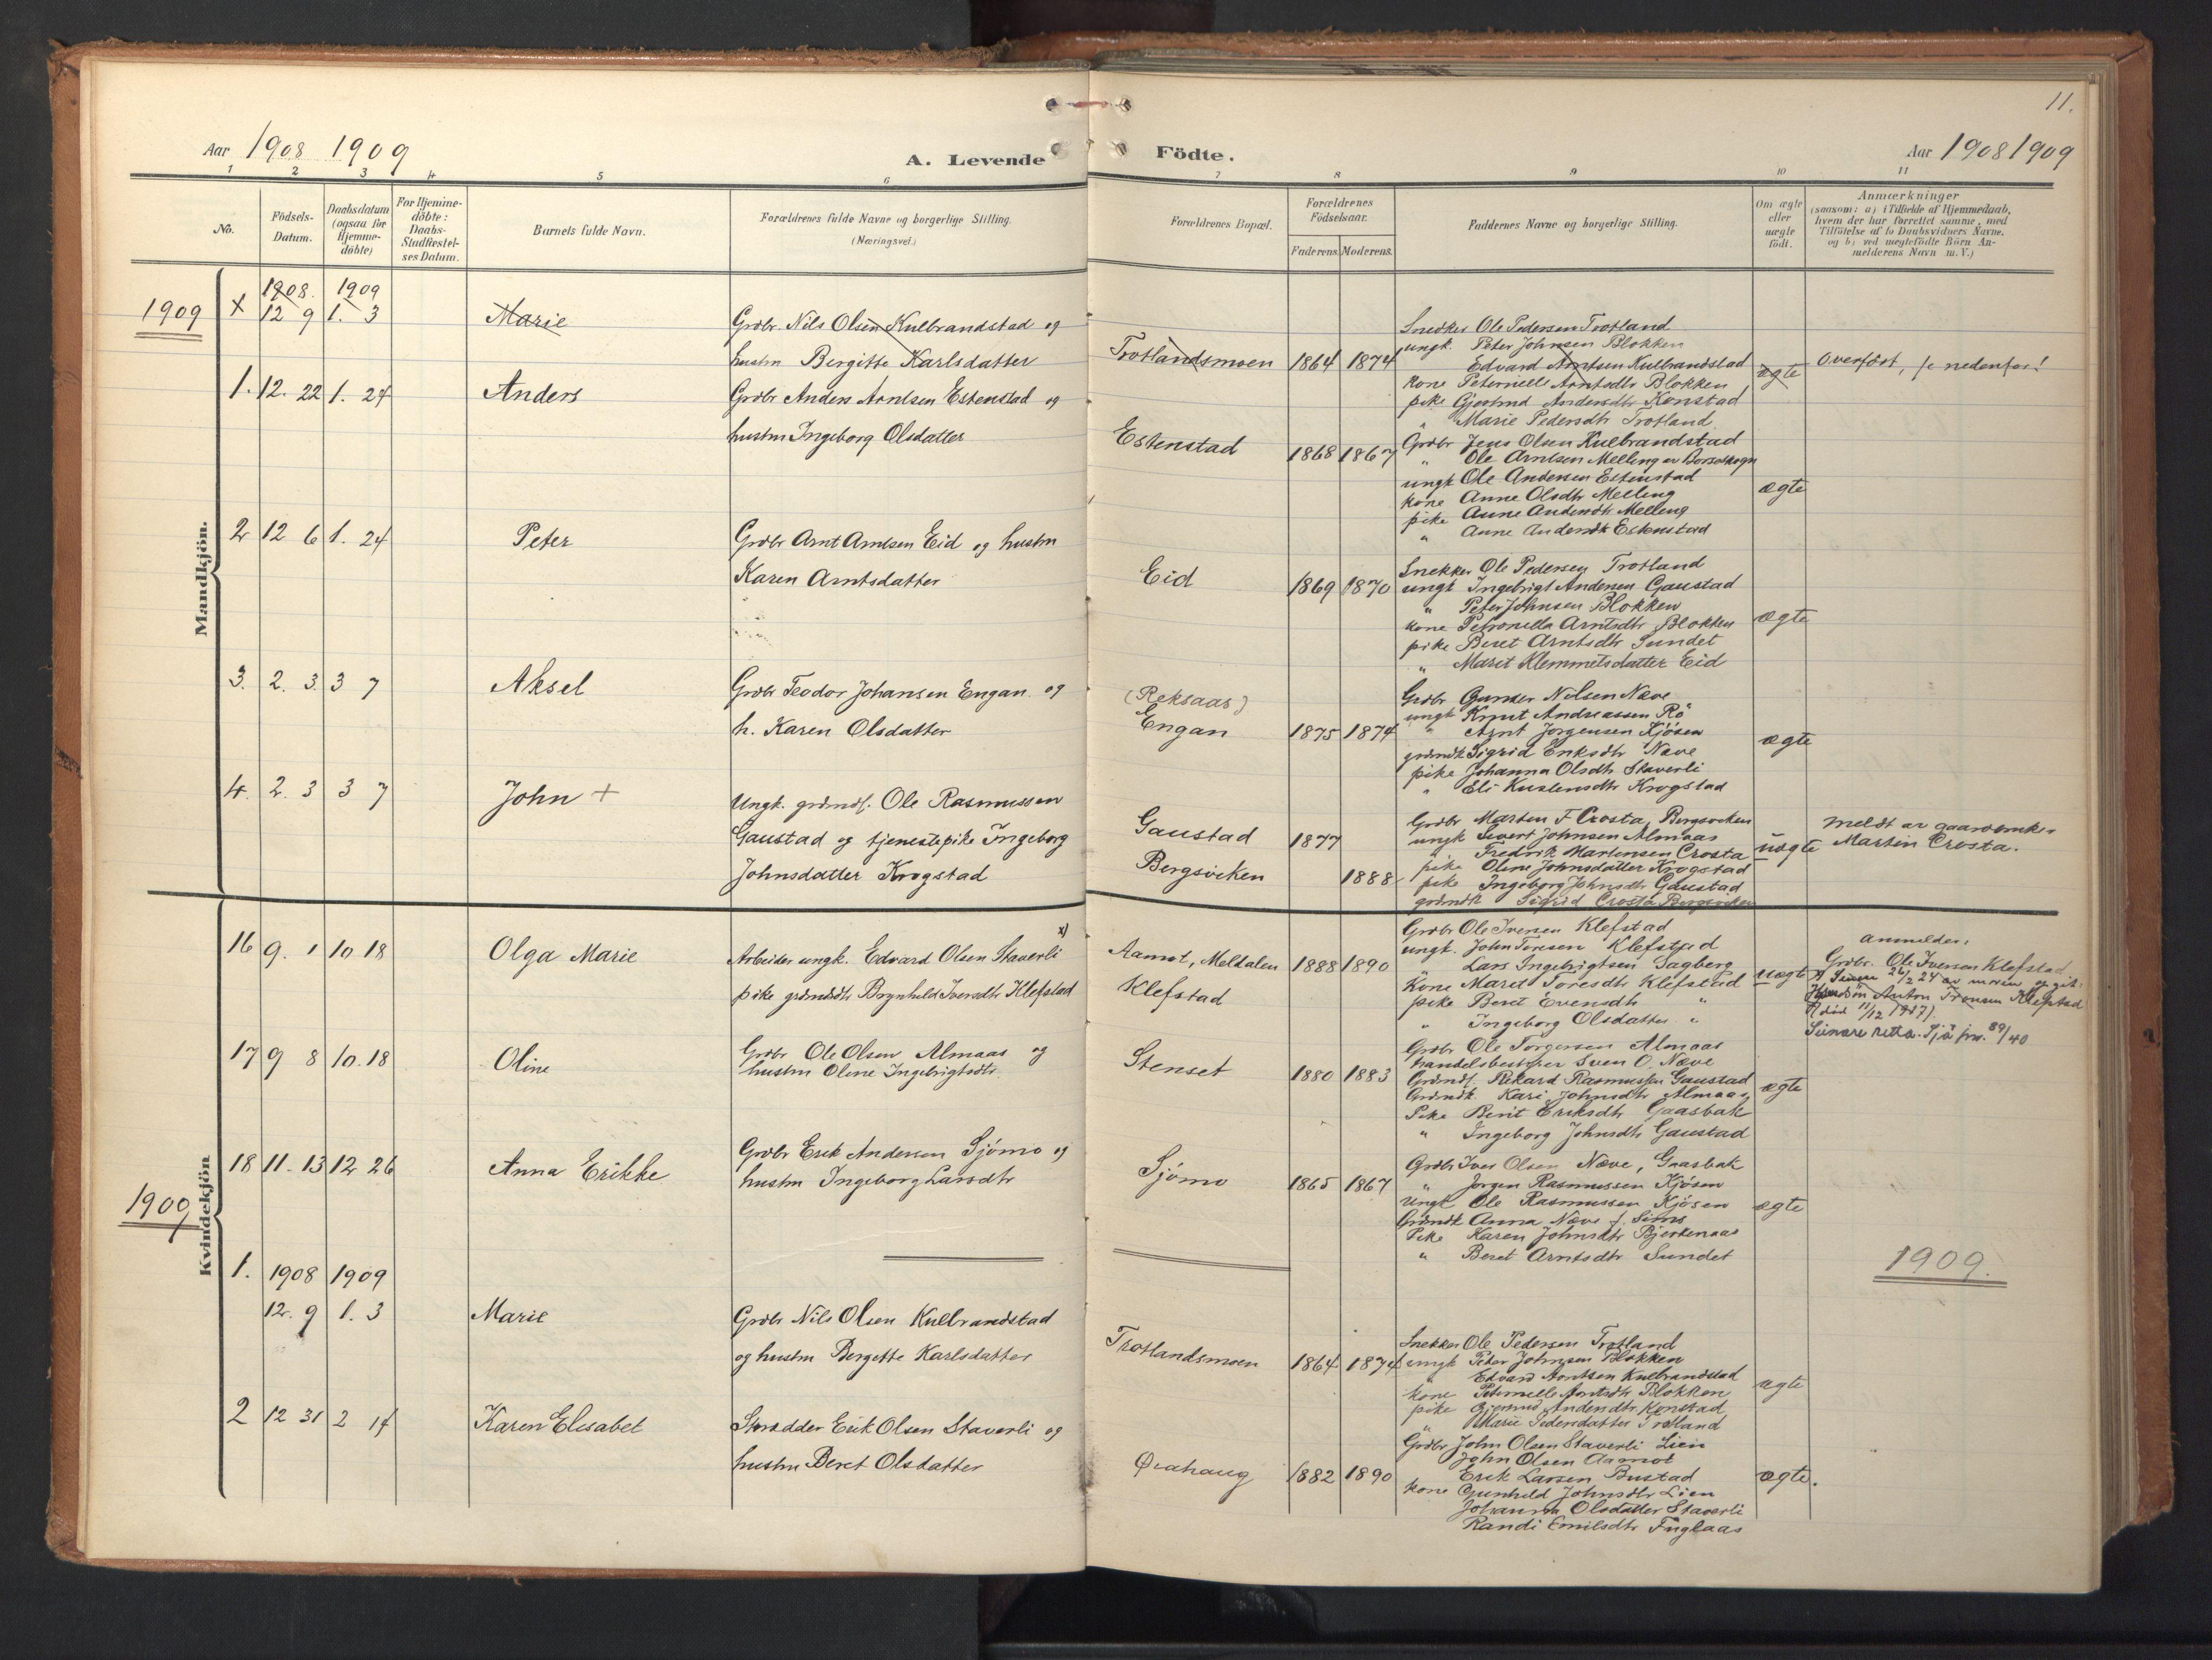 SAT, Ministerialprotokoller, klokkerbøker og fødselsregistre - Sør-Trøndelag, 694/L1128: Ministerialbok nr. 694A02, 1906-1931, s. 11